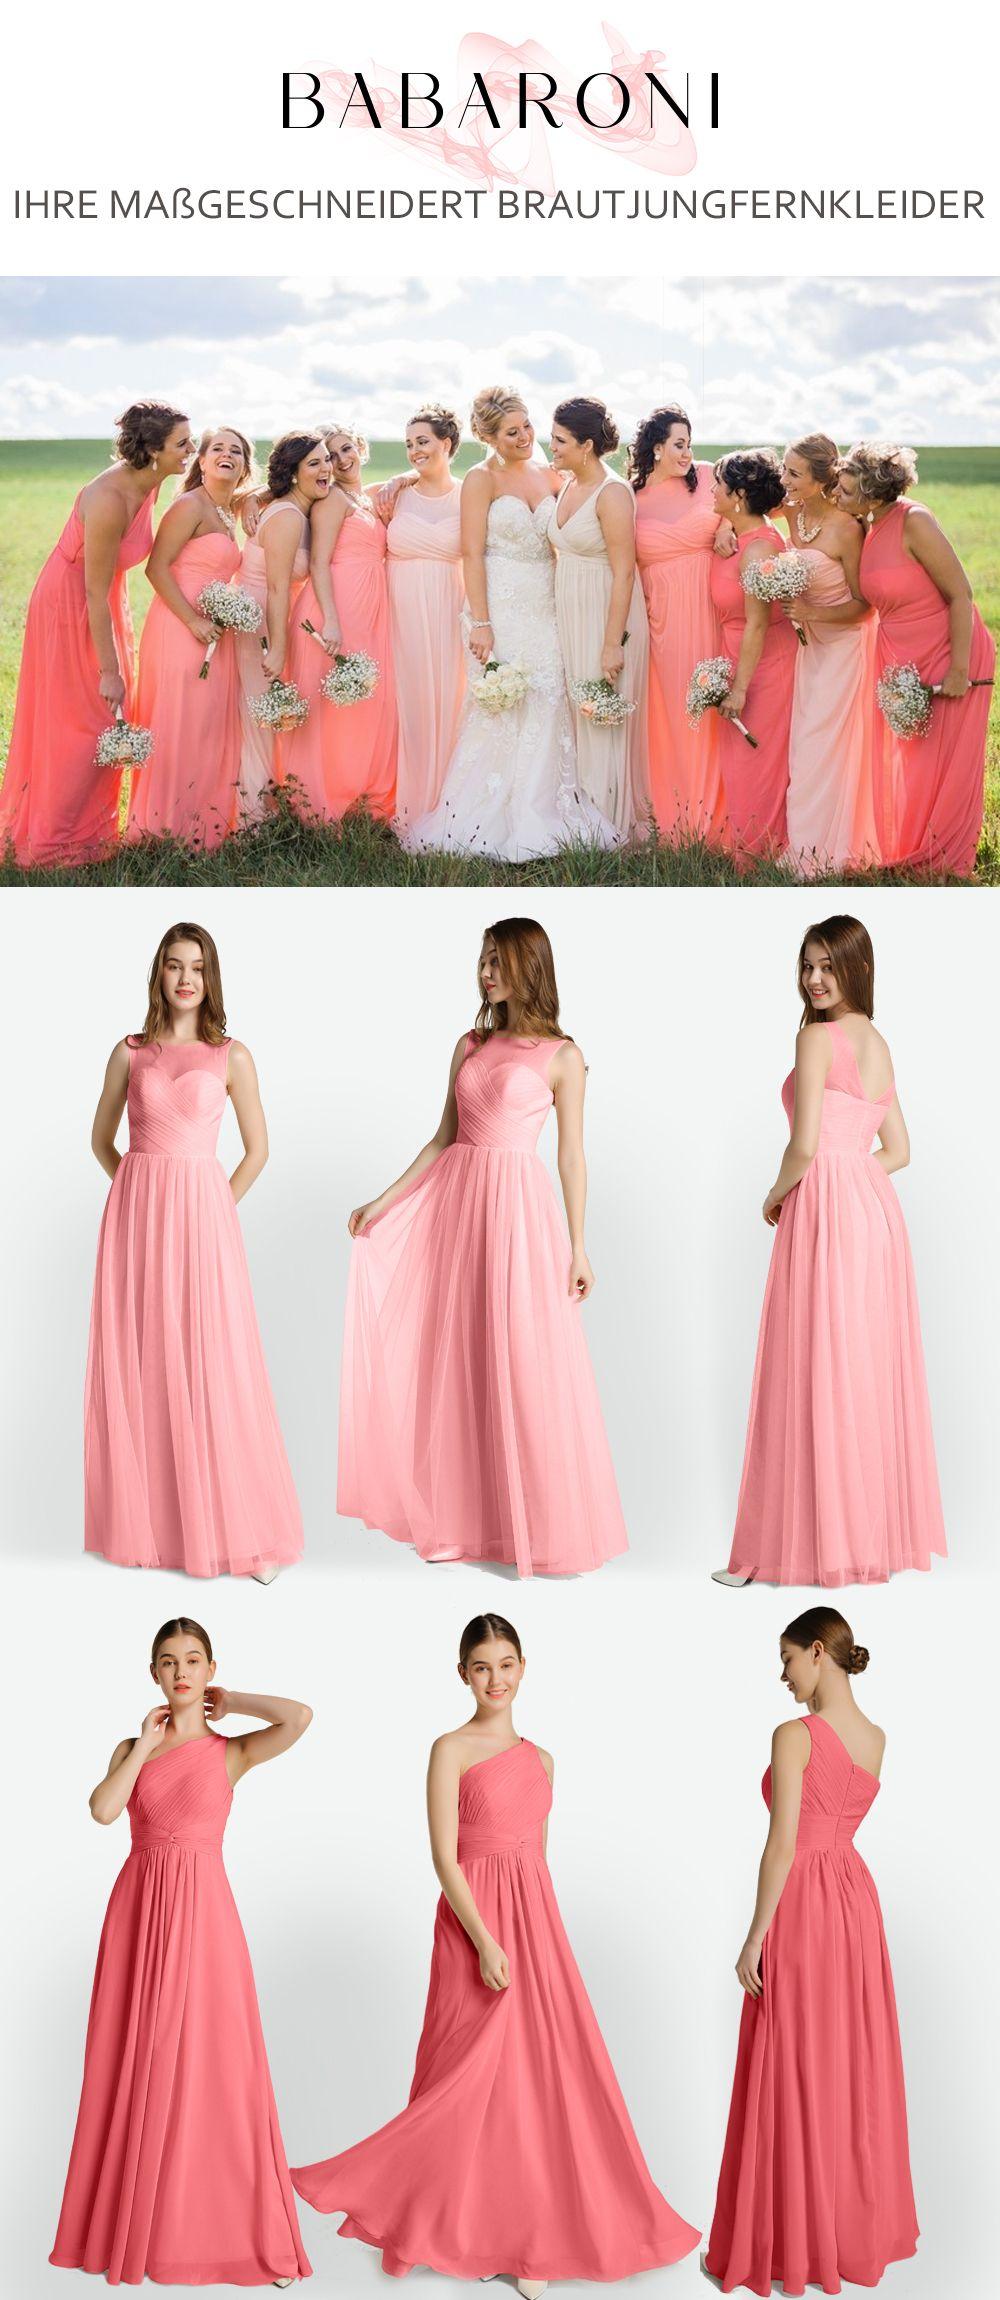 Brautjungfernkleider In 2020 Brautjungfernkleid Atemberaubende Kleider Gunstige Brautjungfernkleider